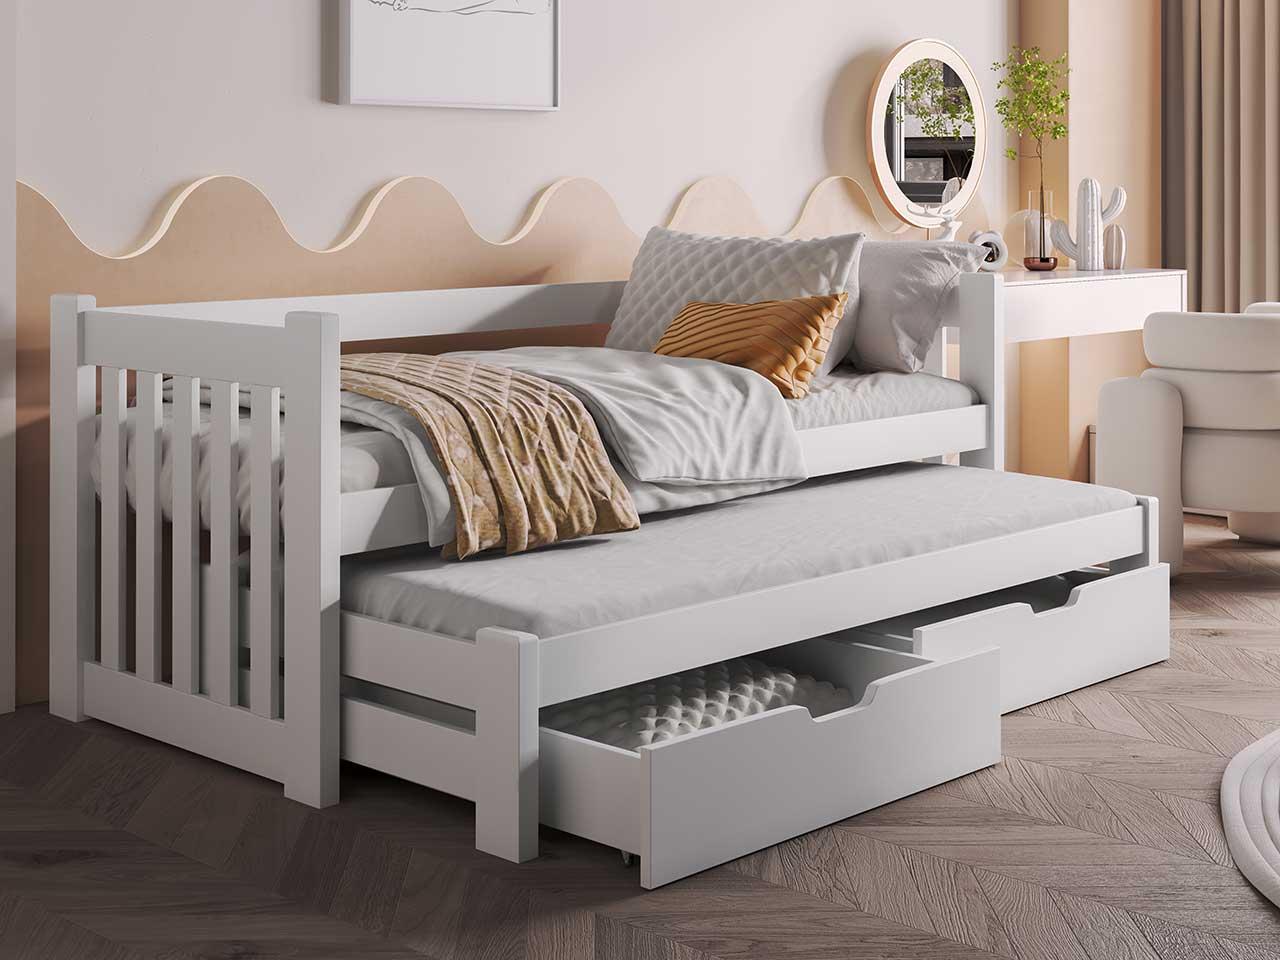 łóżko Filip Dwuosobowe Wysuwane Jednopoziomowe Z Materacami